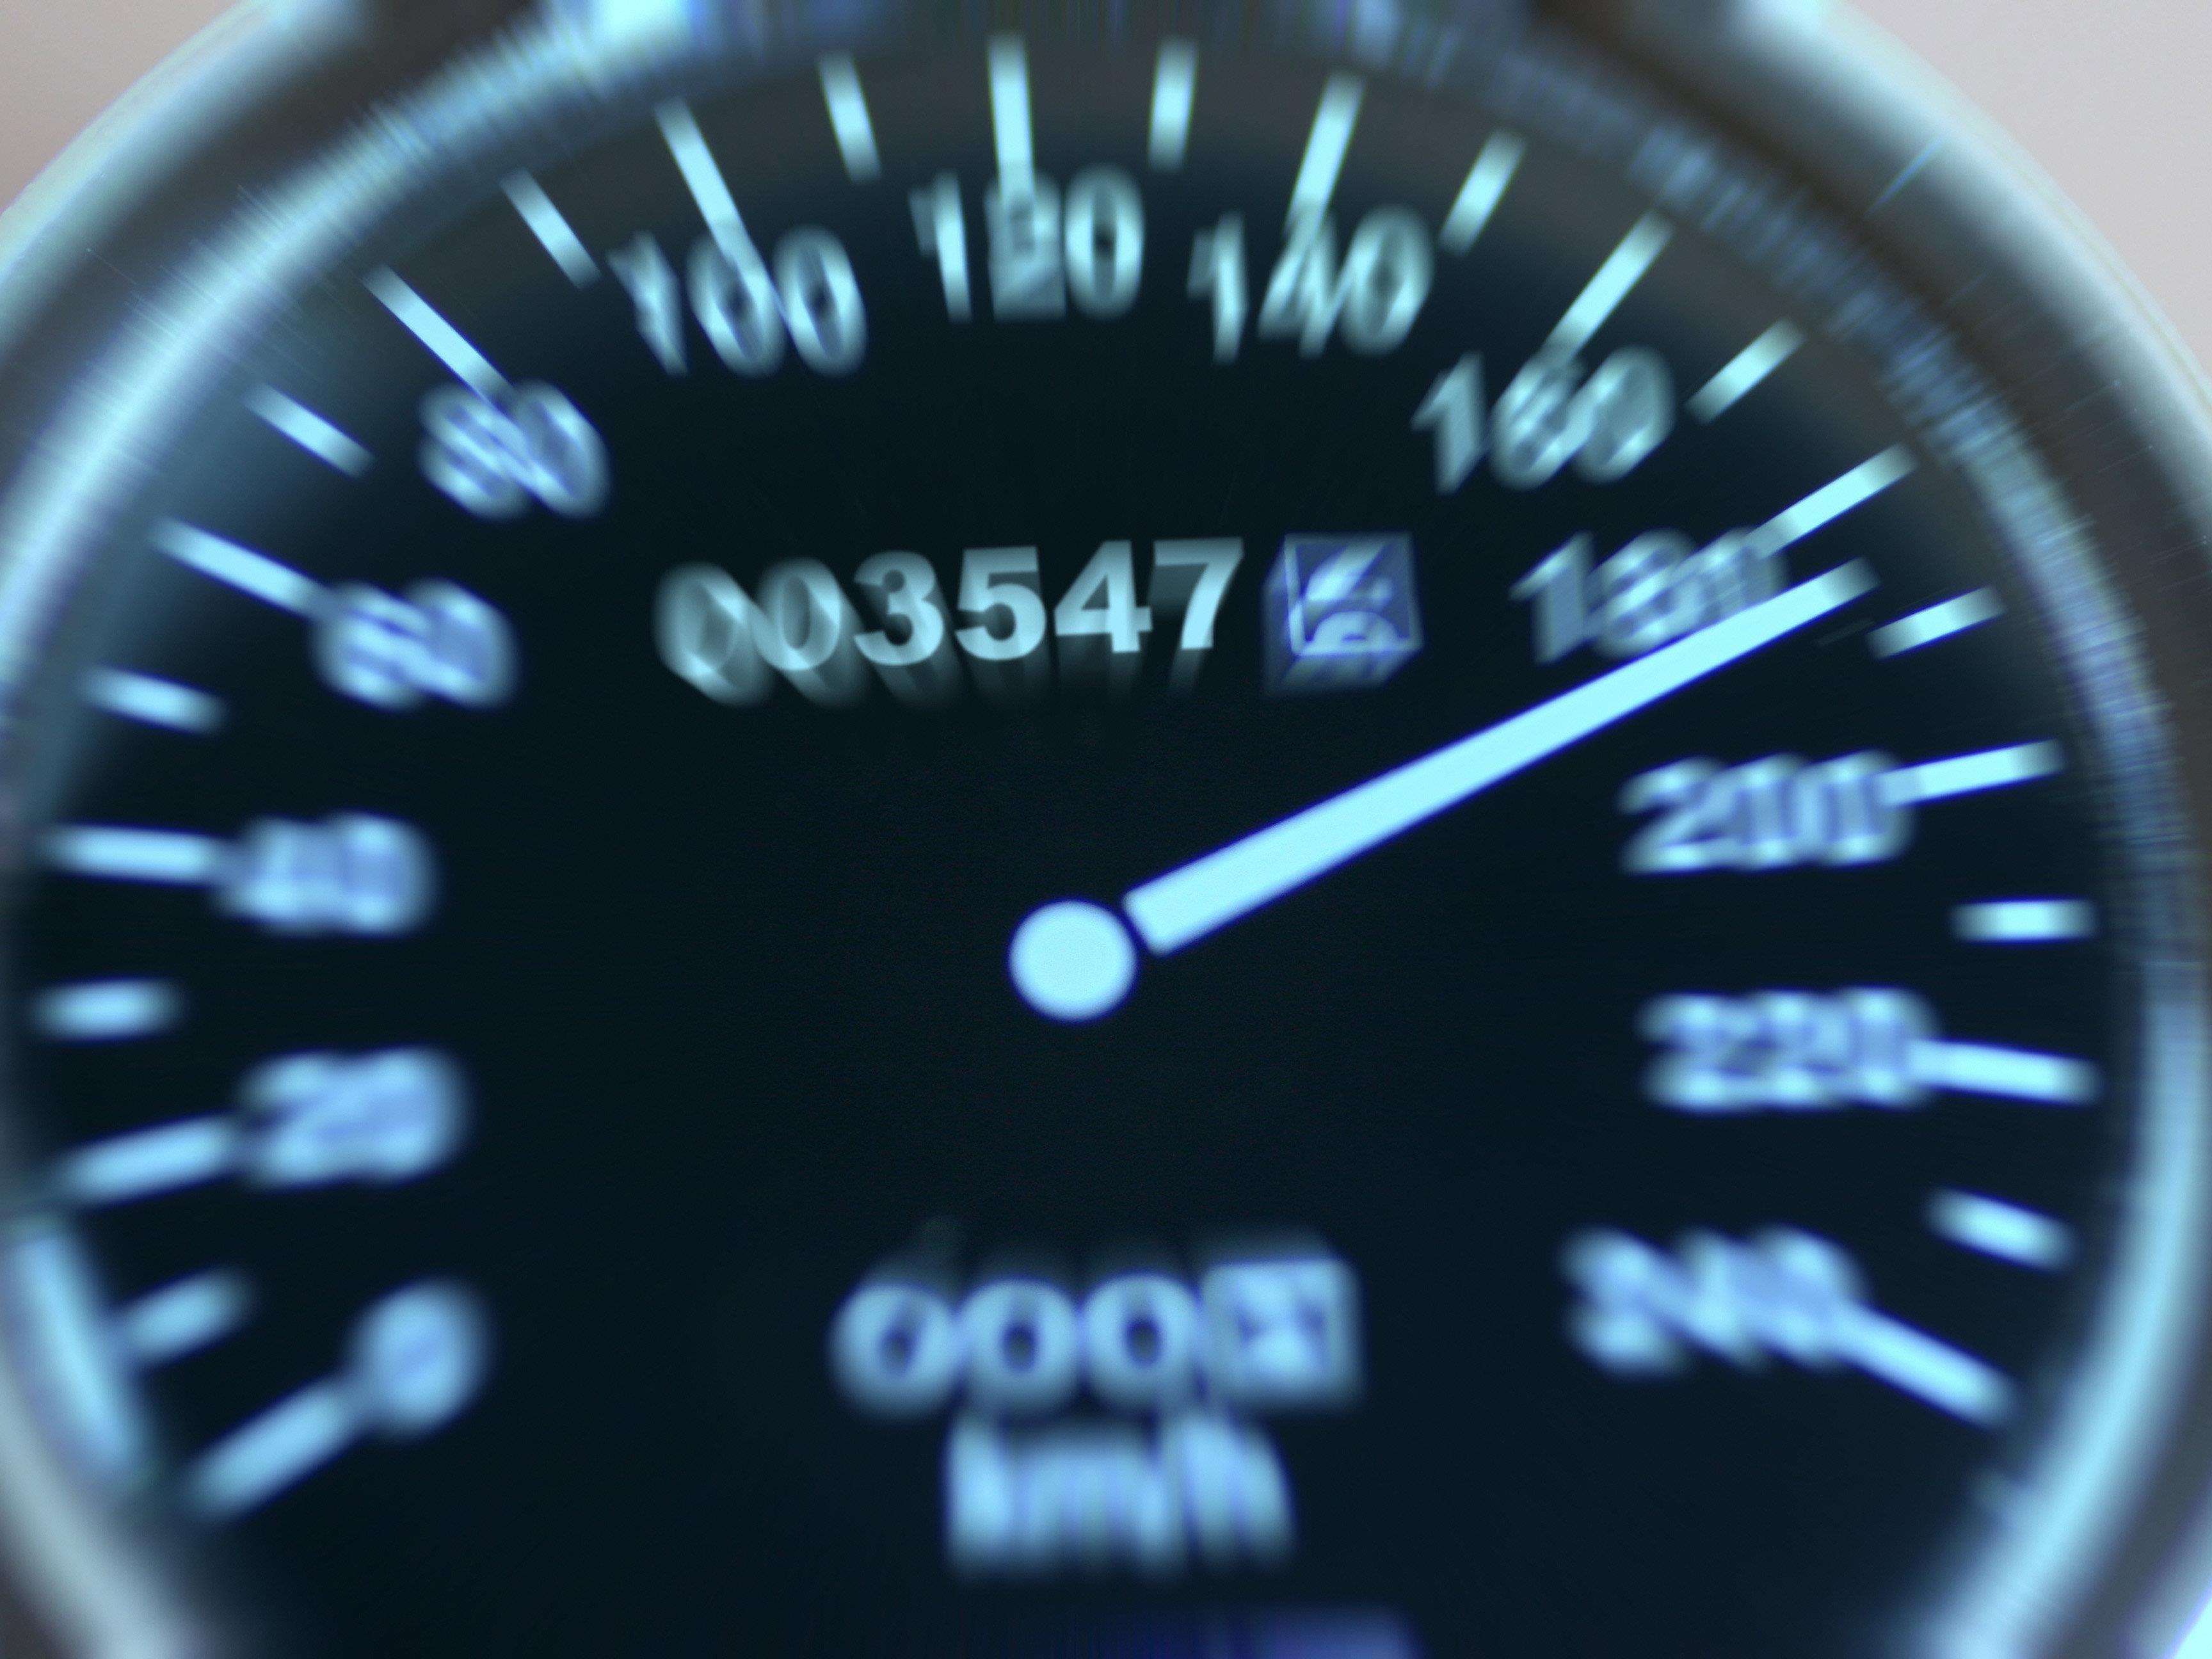 Der Mann verwechselte Meilen mit Kilometer pro Stunde.